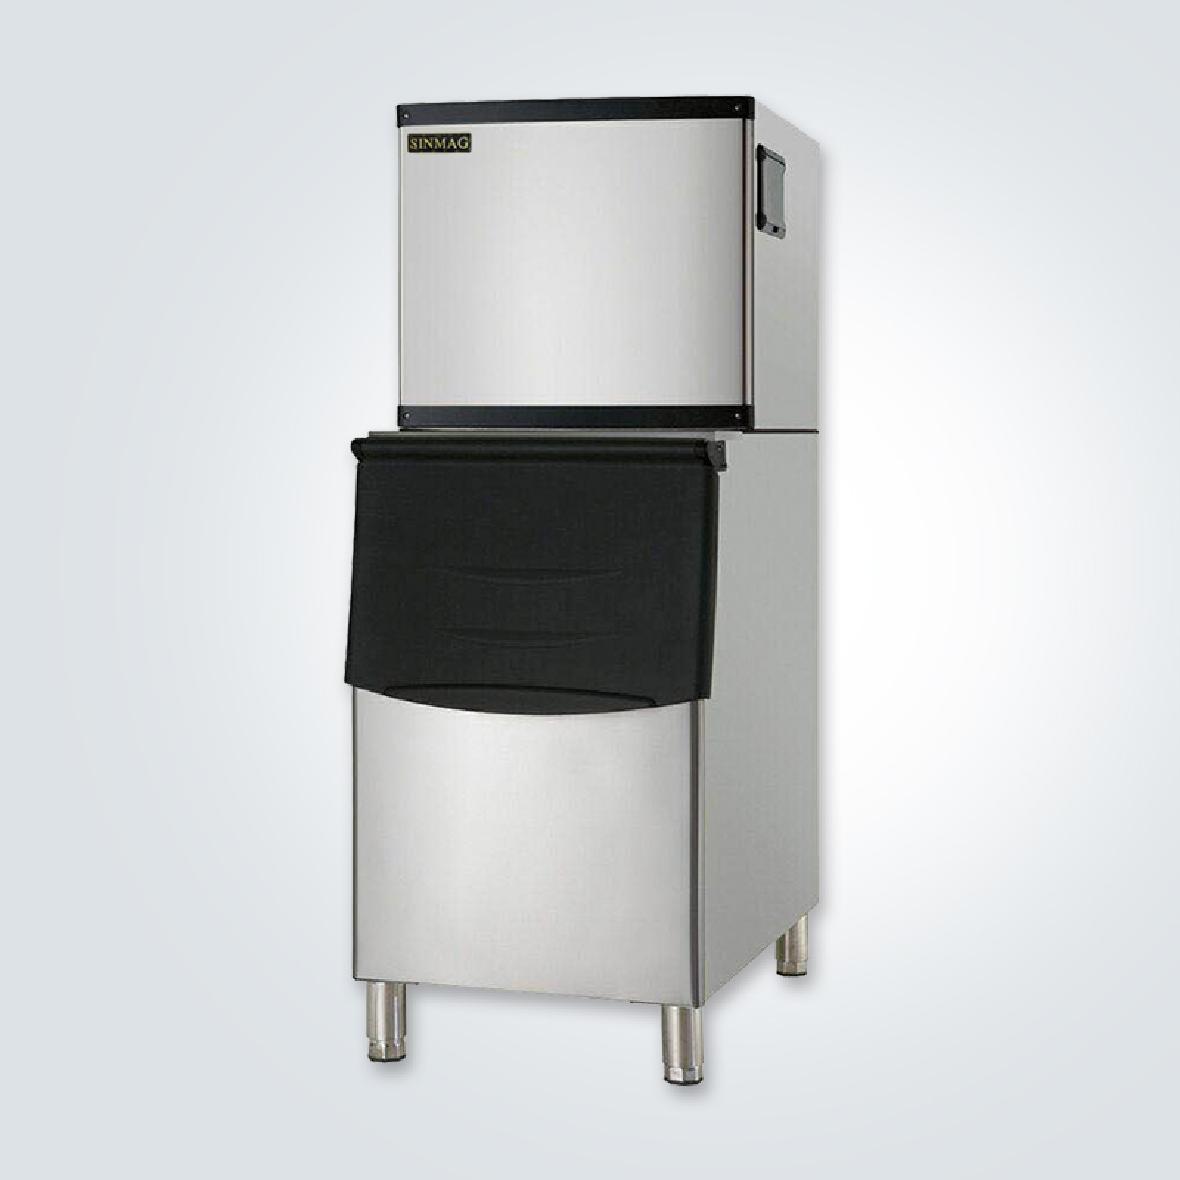 cf058 方冰機一體式 / 分體式